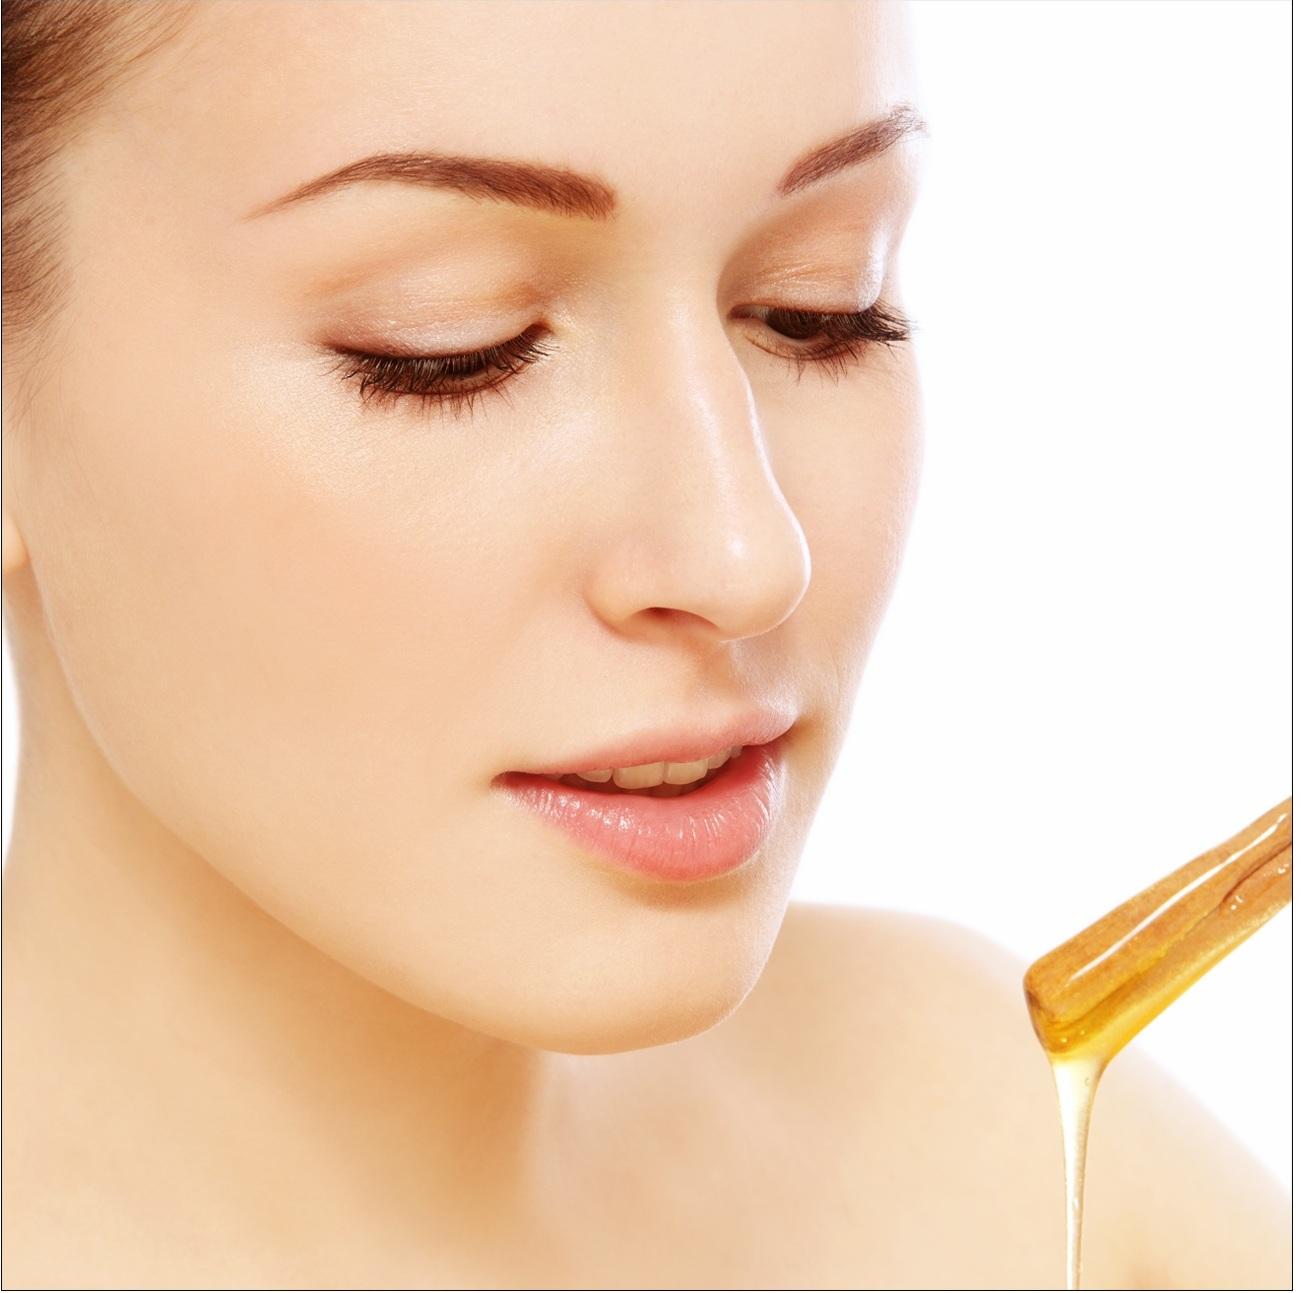 2 cách làm đẹp da môi bằng mật ong tại nhà